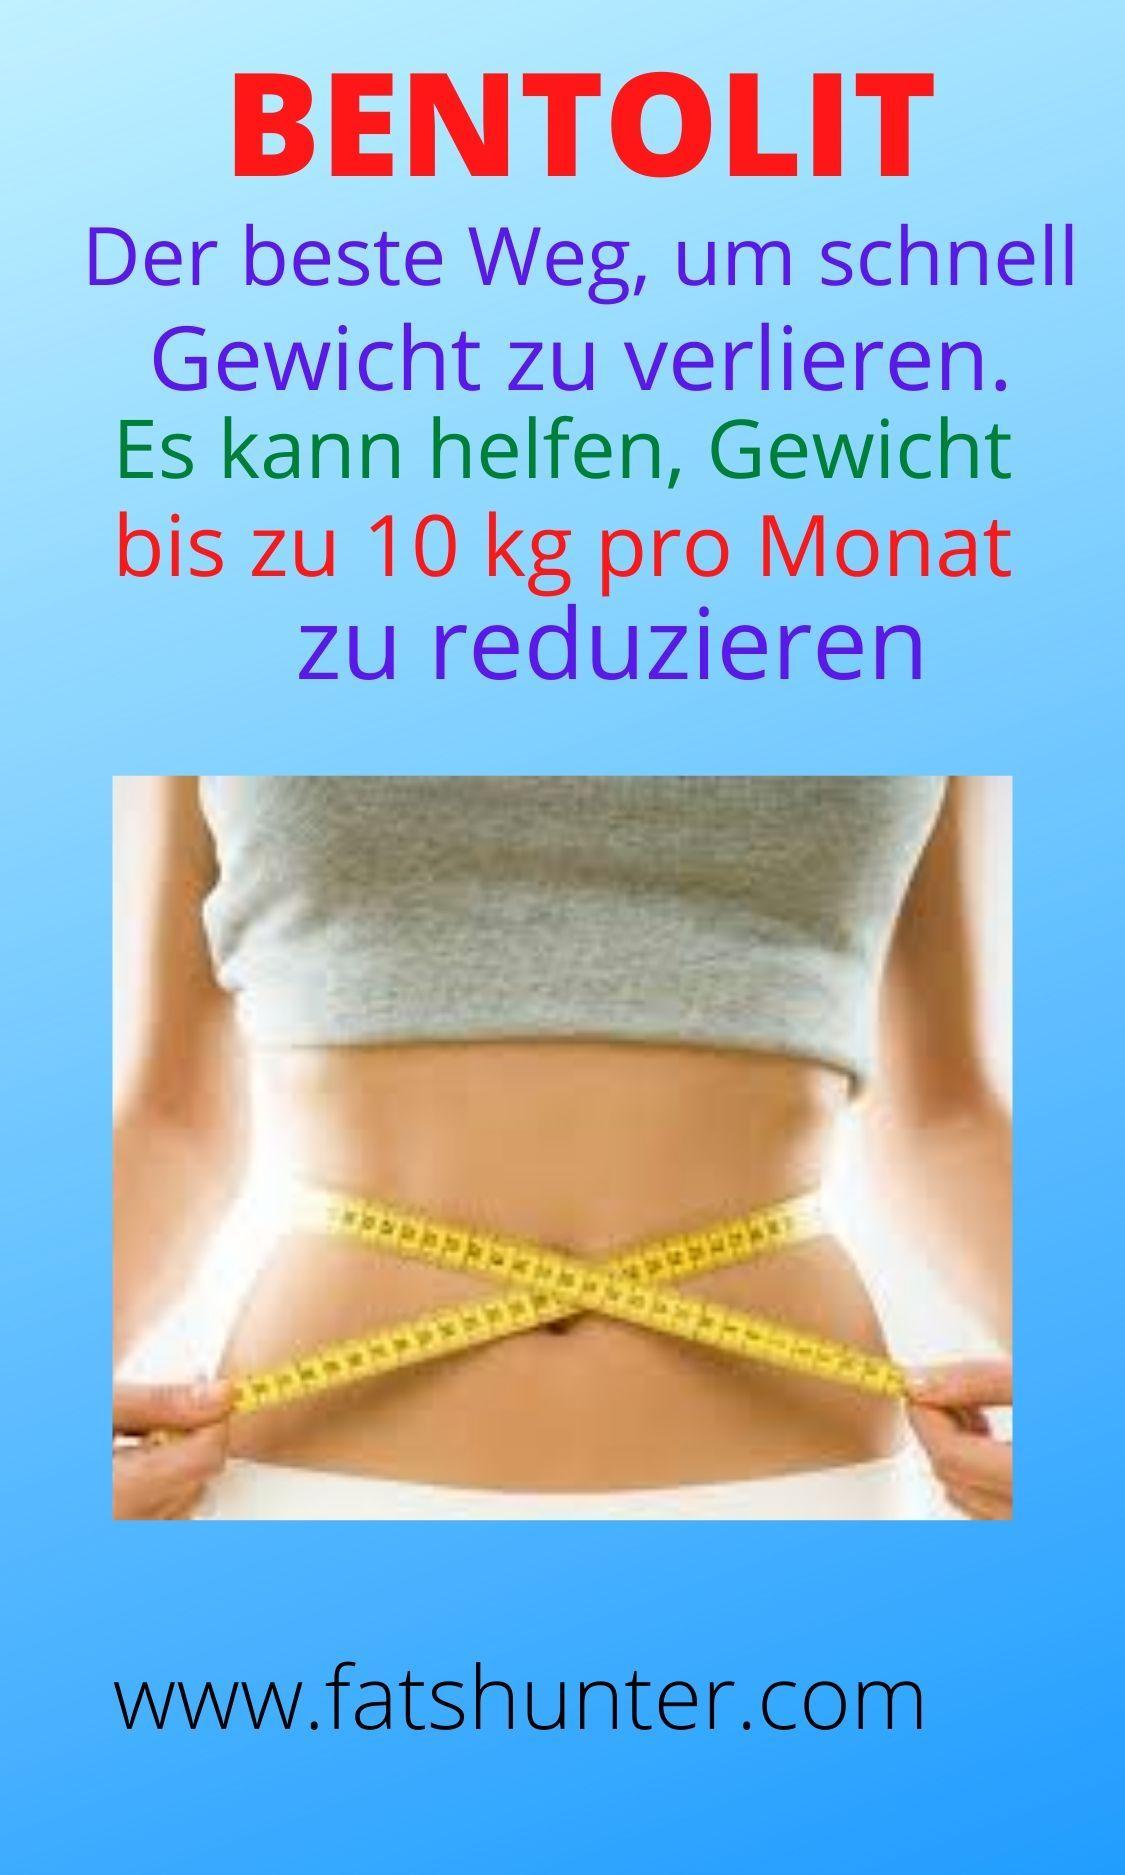 Ergänzung, um schnell Gewicht zu verlieren